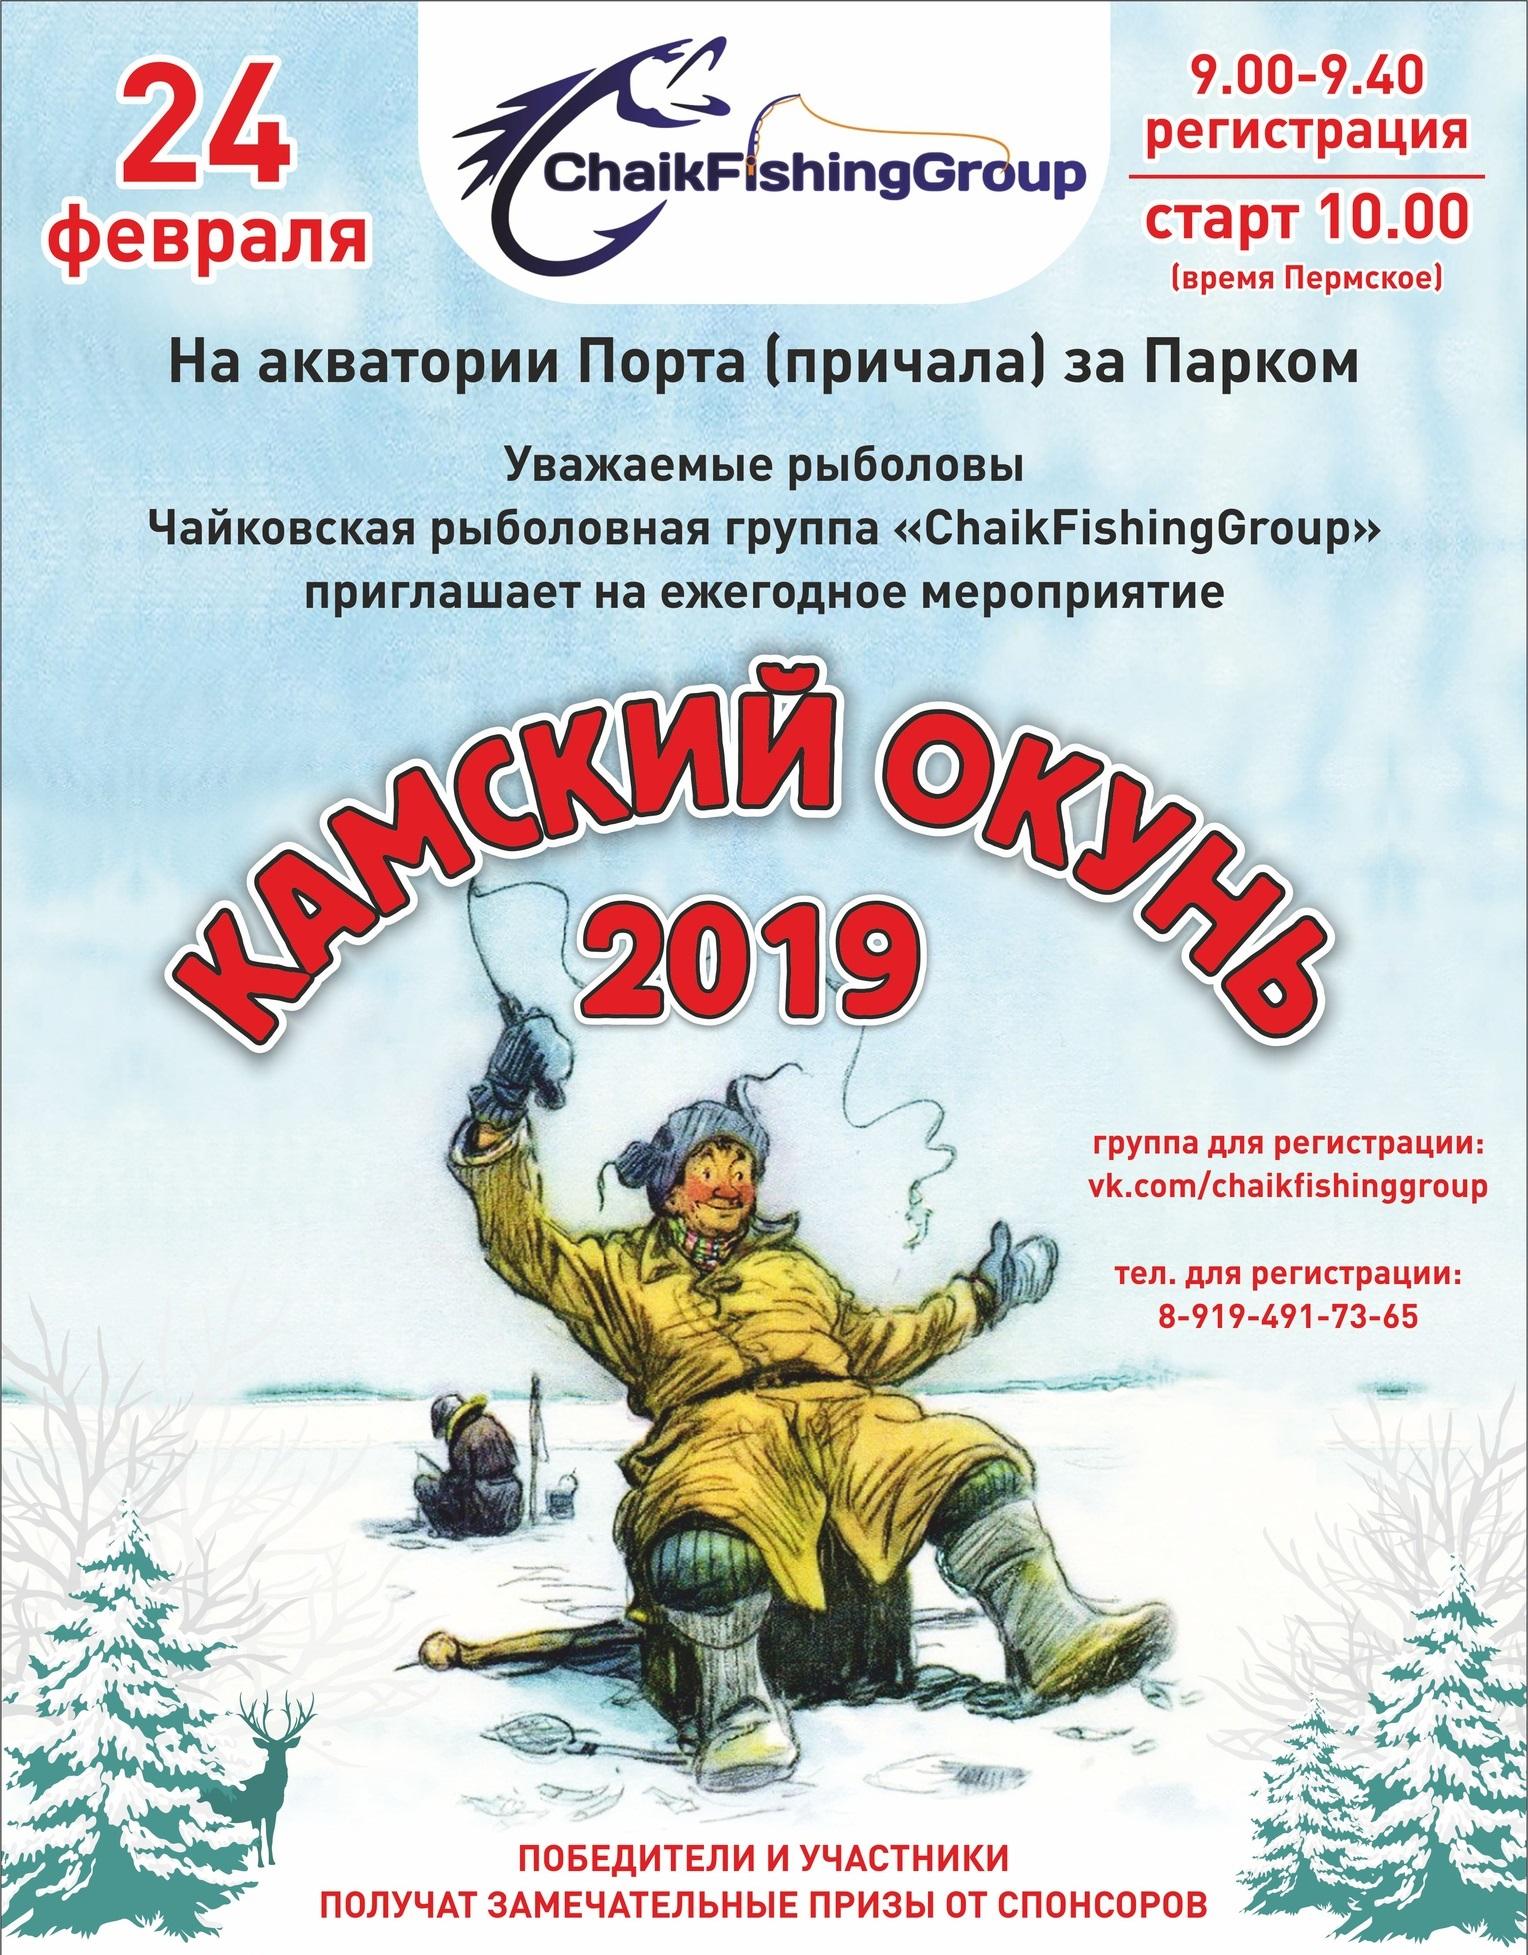 камский окунь, турнир по рыбной ловле, афиша, чайковский район, 2019 год